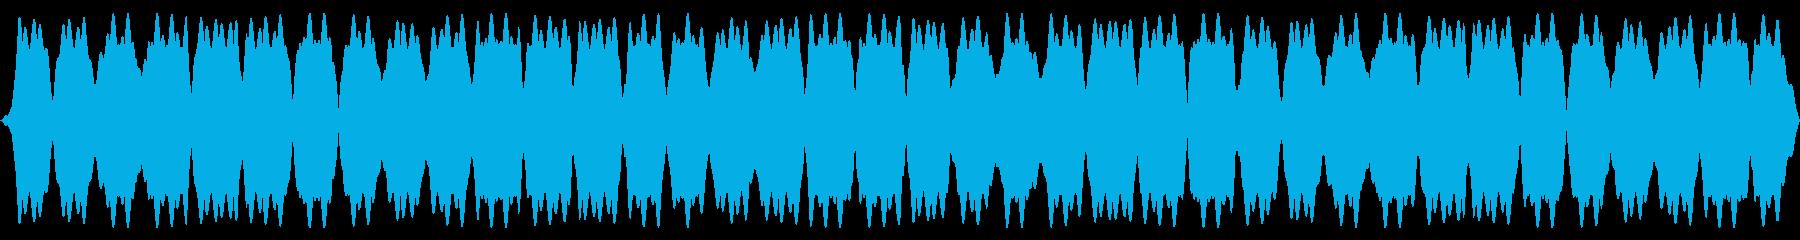 電気力場のパンの再生済みの波形